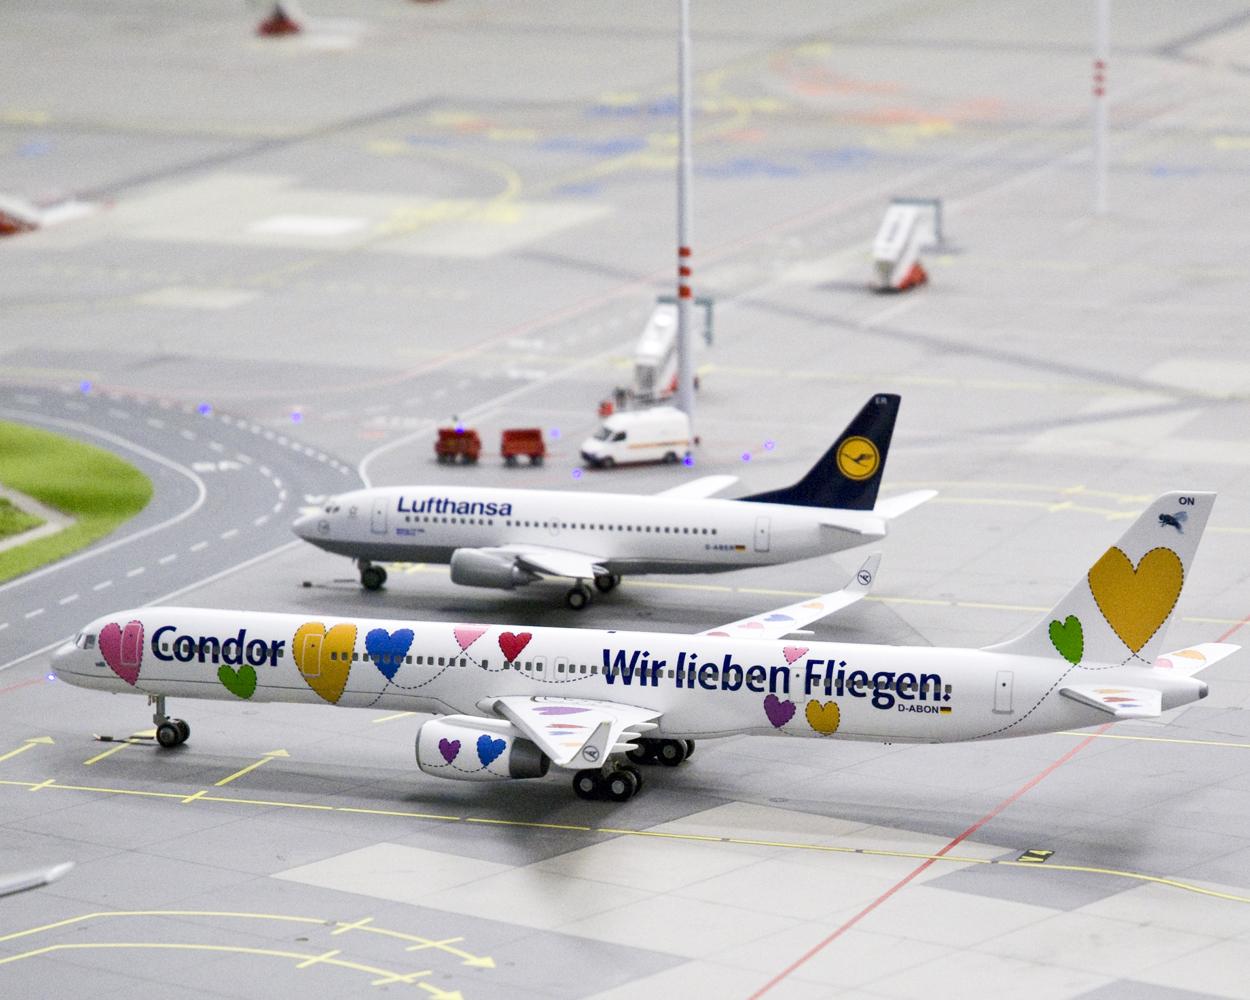 Condor- und Lufthansa-Jets auf Knuffingen Airport, dem jüngsten Bauabschnitt des Wunderlands.